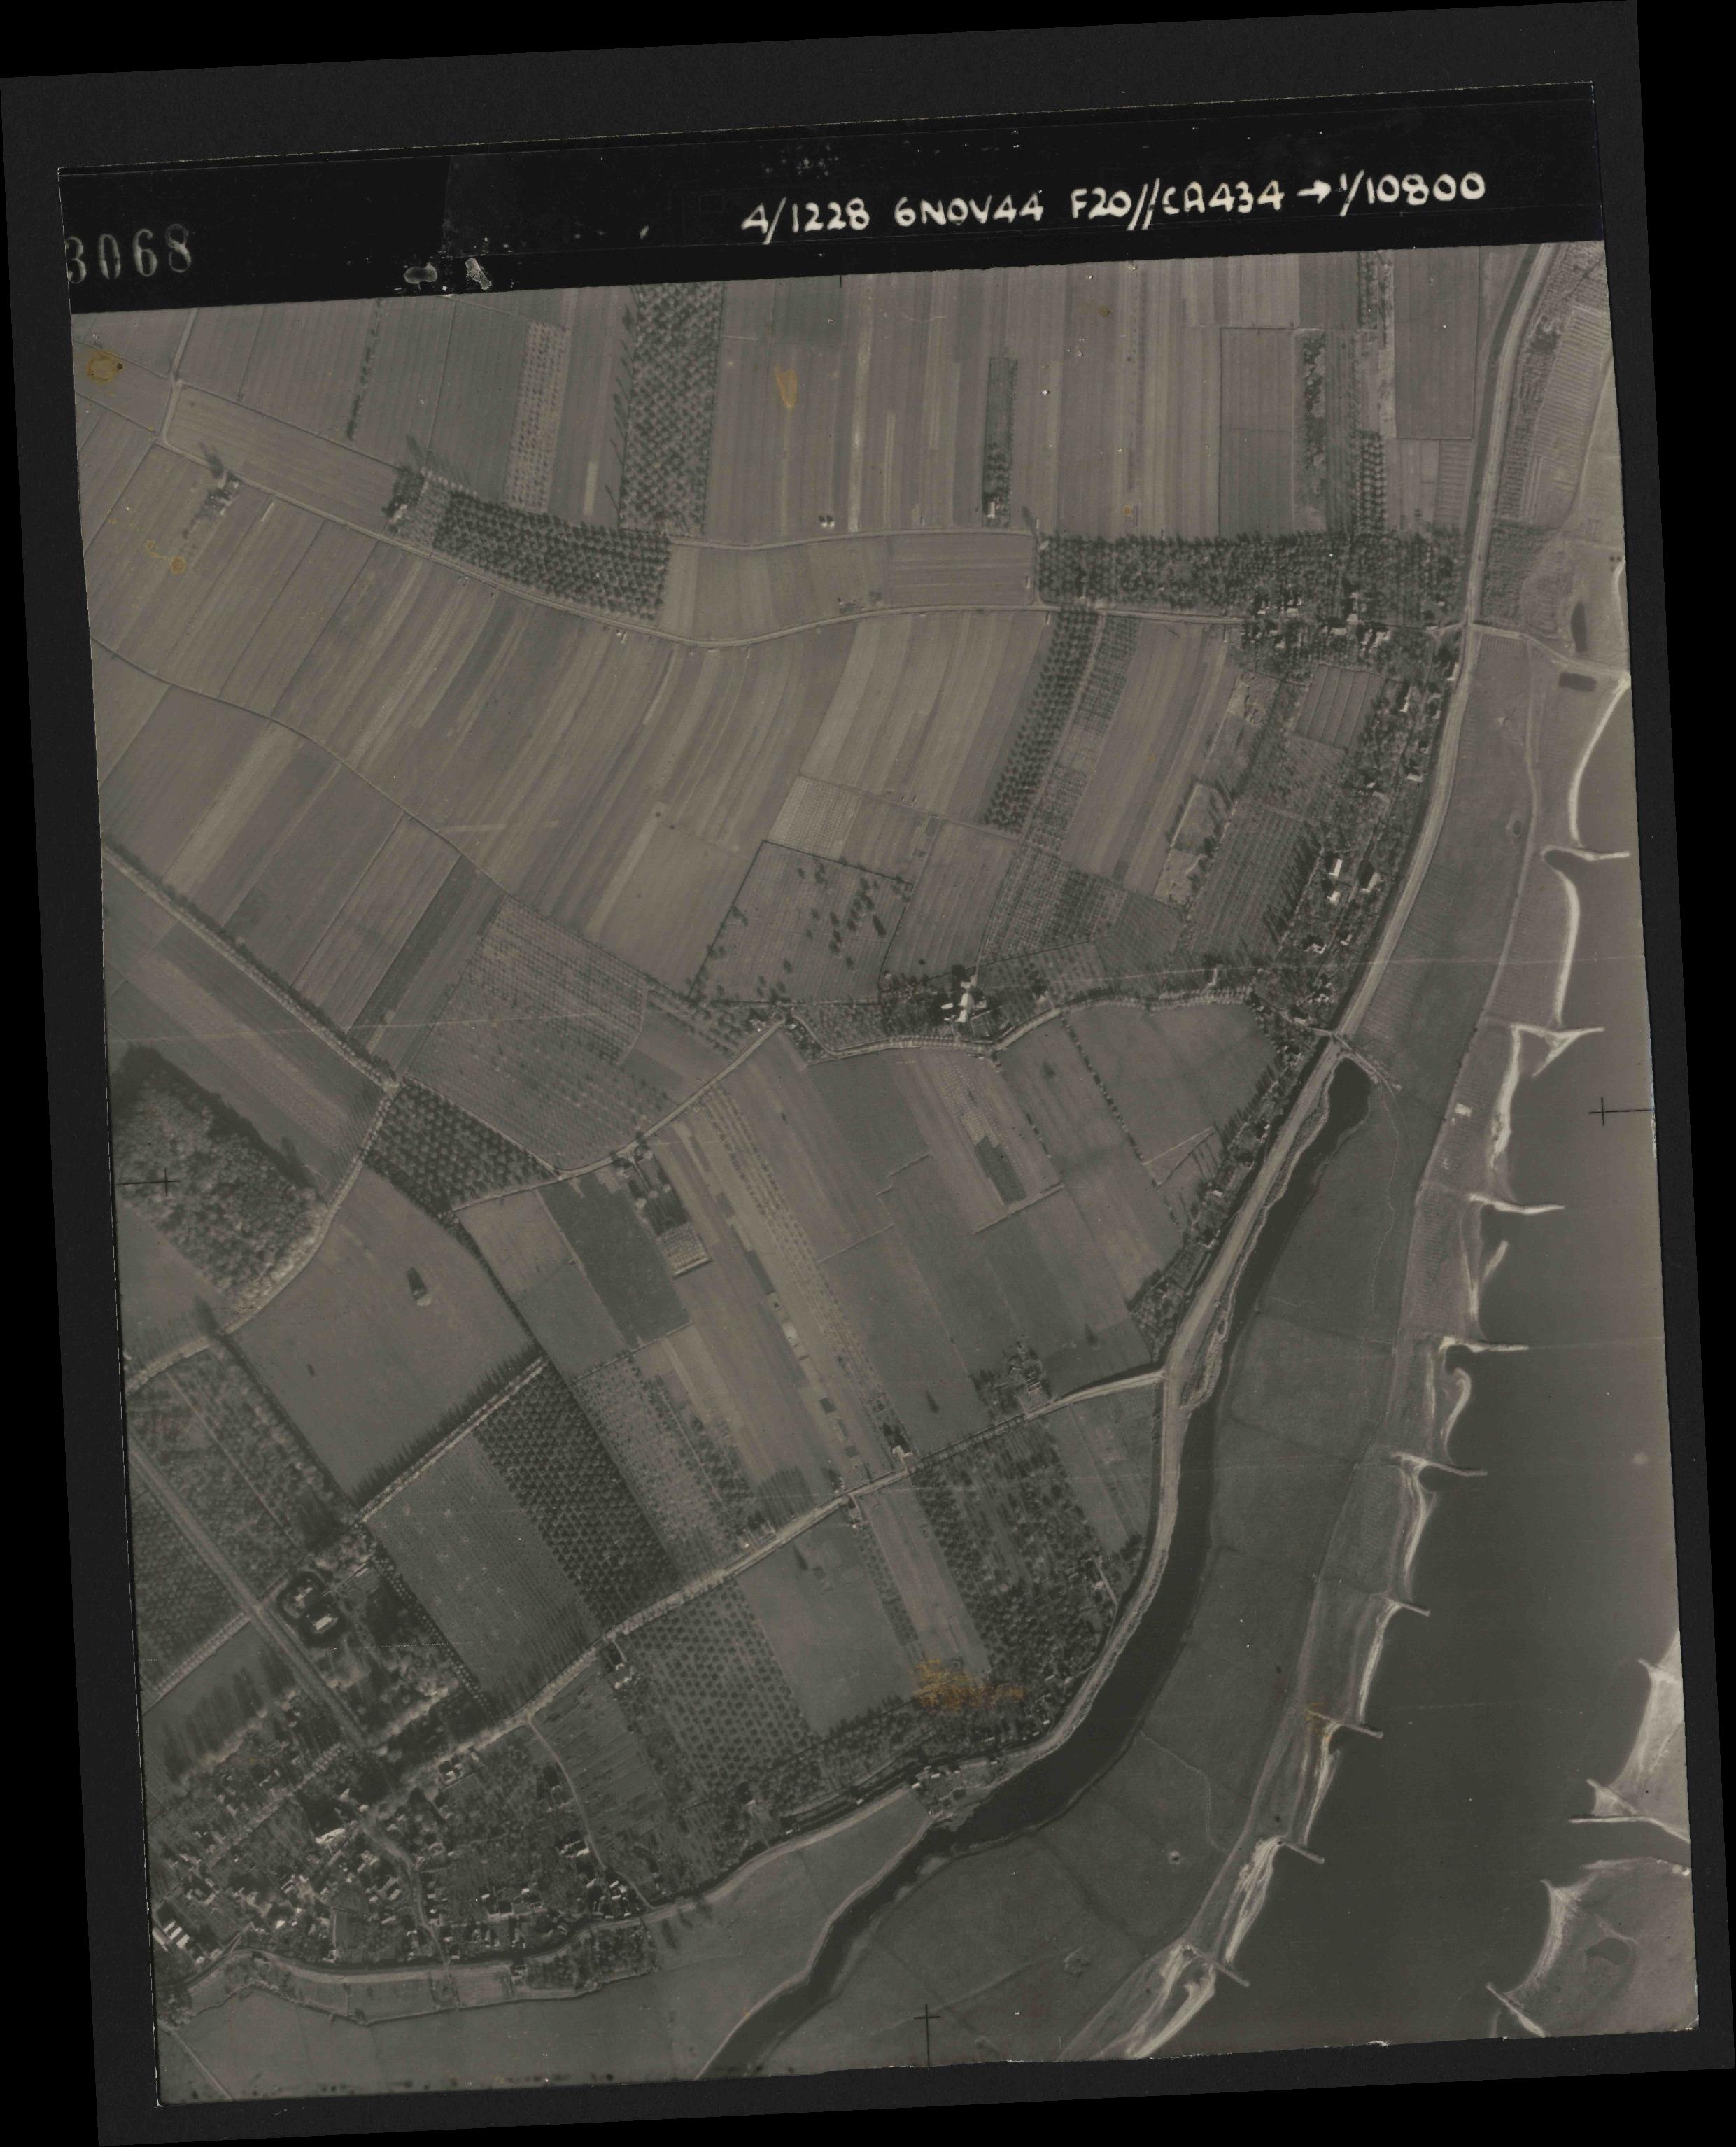 Collection RAF aerial photos 1940-1945 - flight 005, run 02, photo 3068